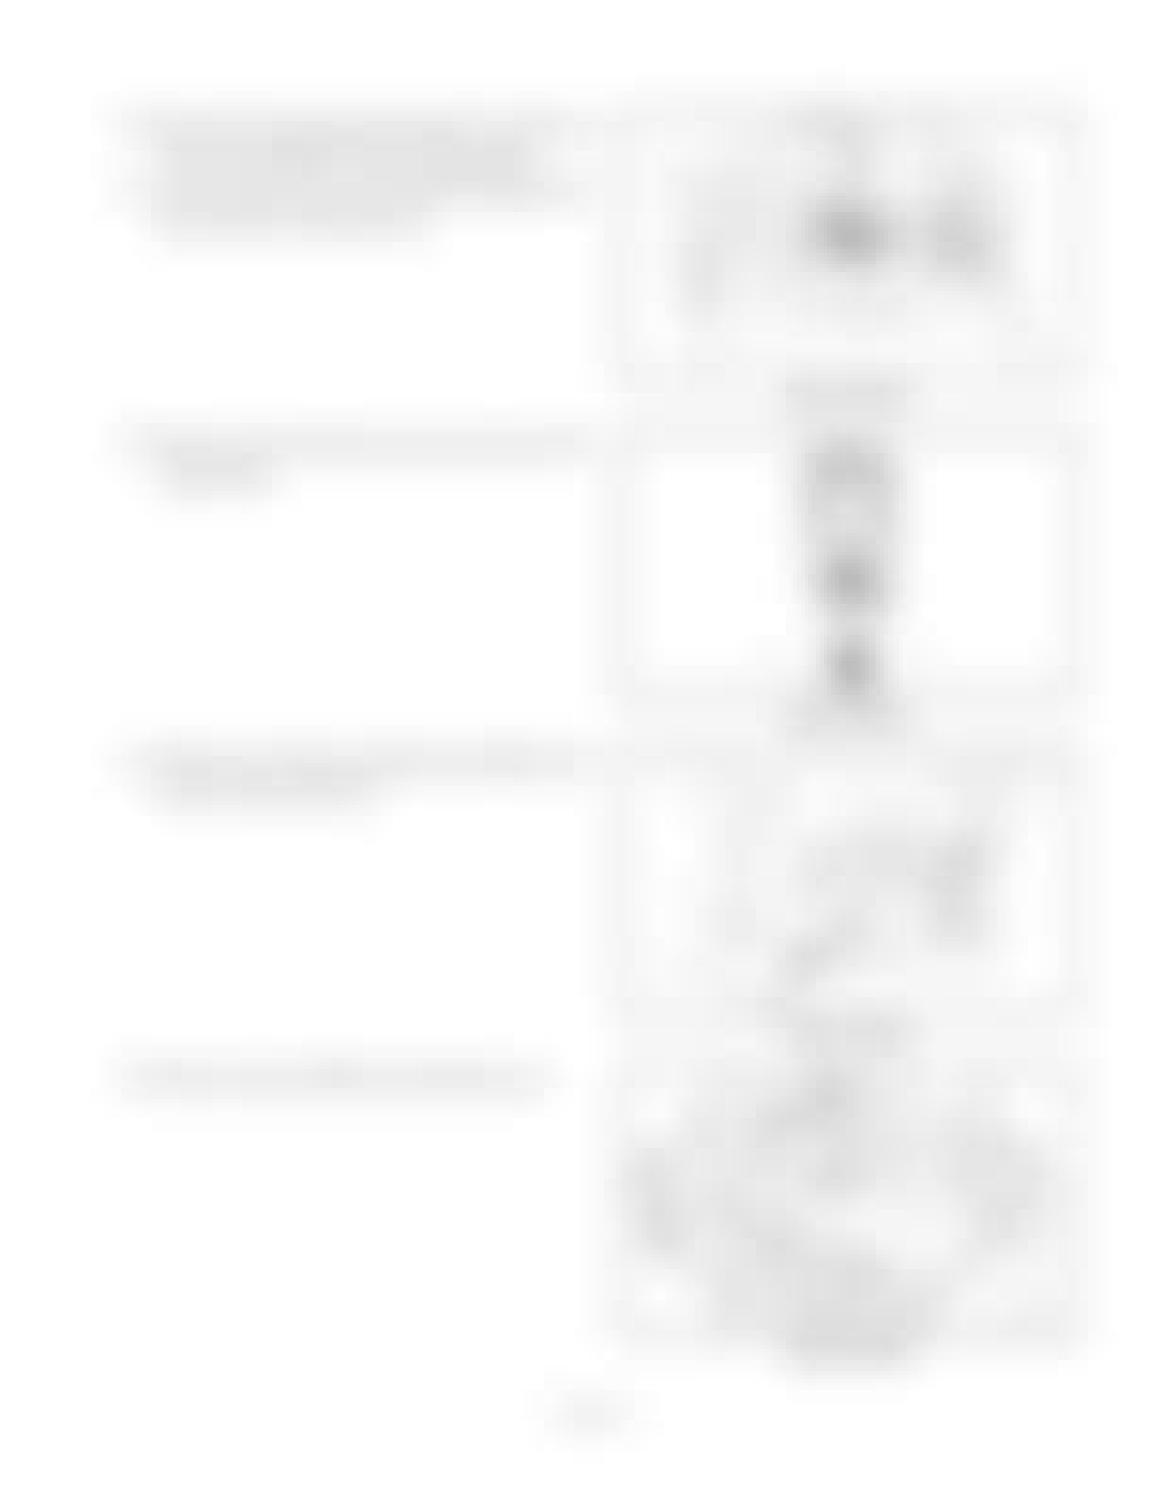 Hitachi LX110-7 LX130-7 LX160-7 LX190-7 LX230-7 Wheel Loader Workshop Manual - PDF DOWNLOAD page 45